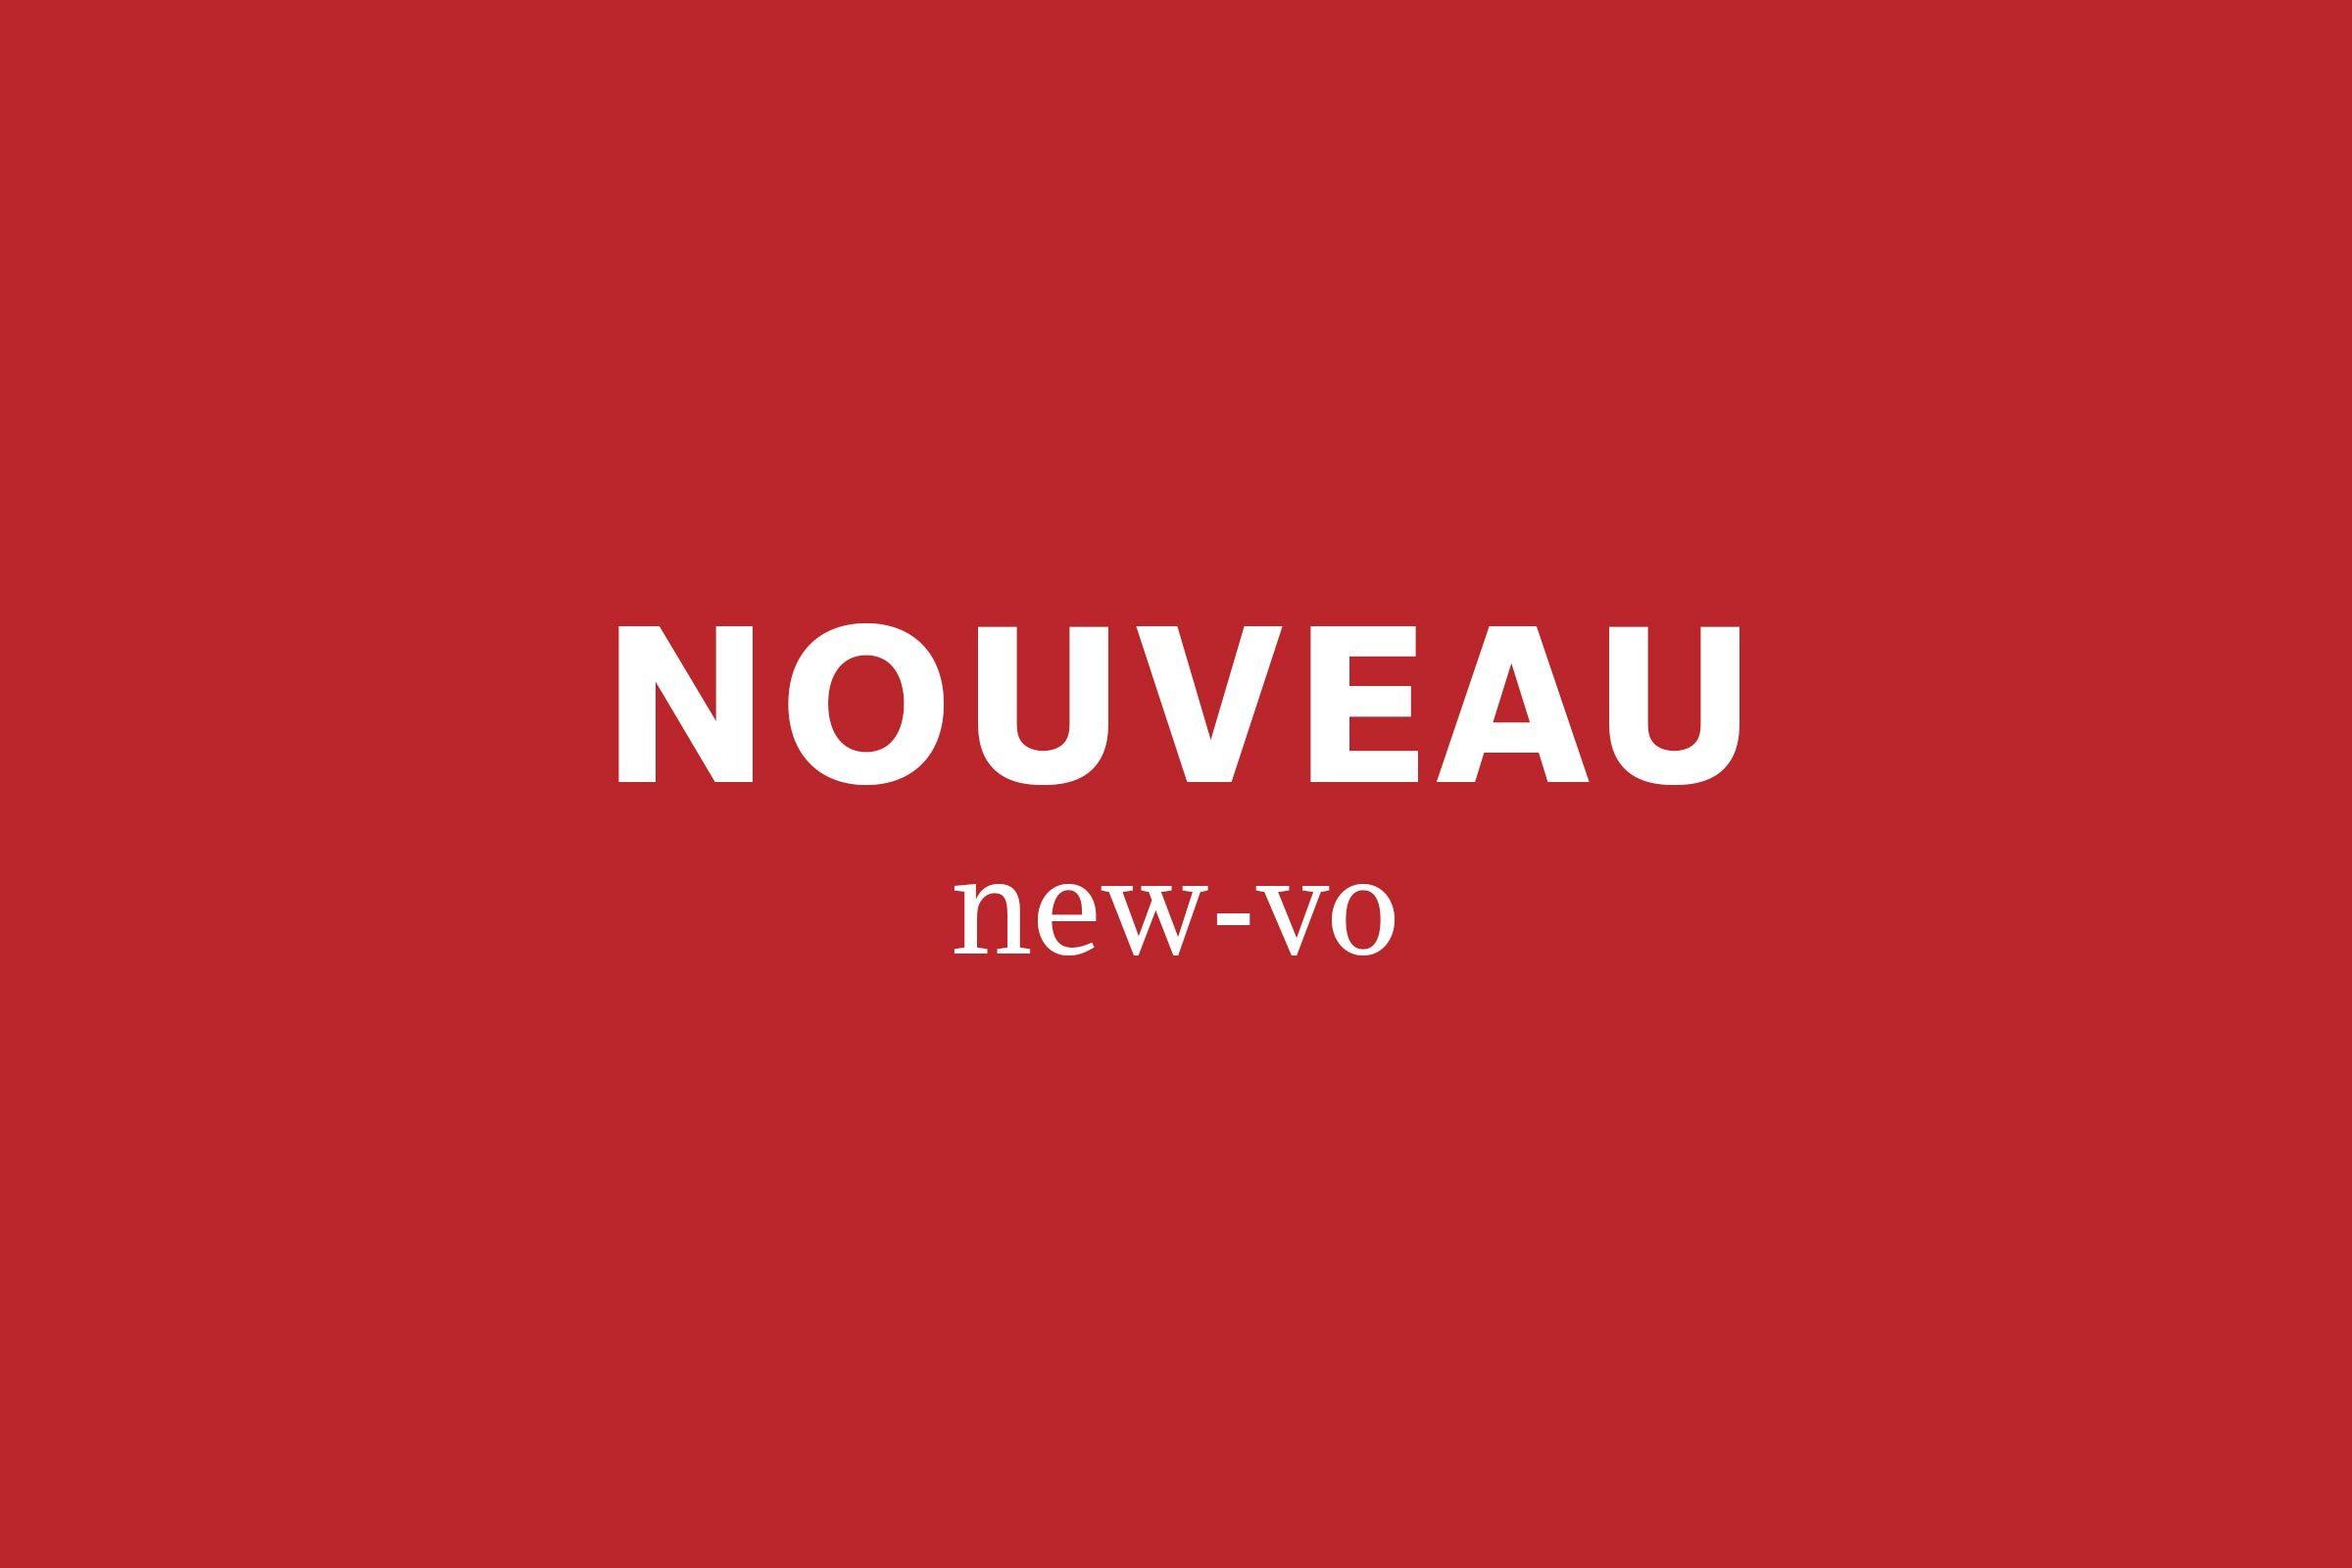 nouveau pronunciation